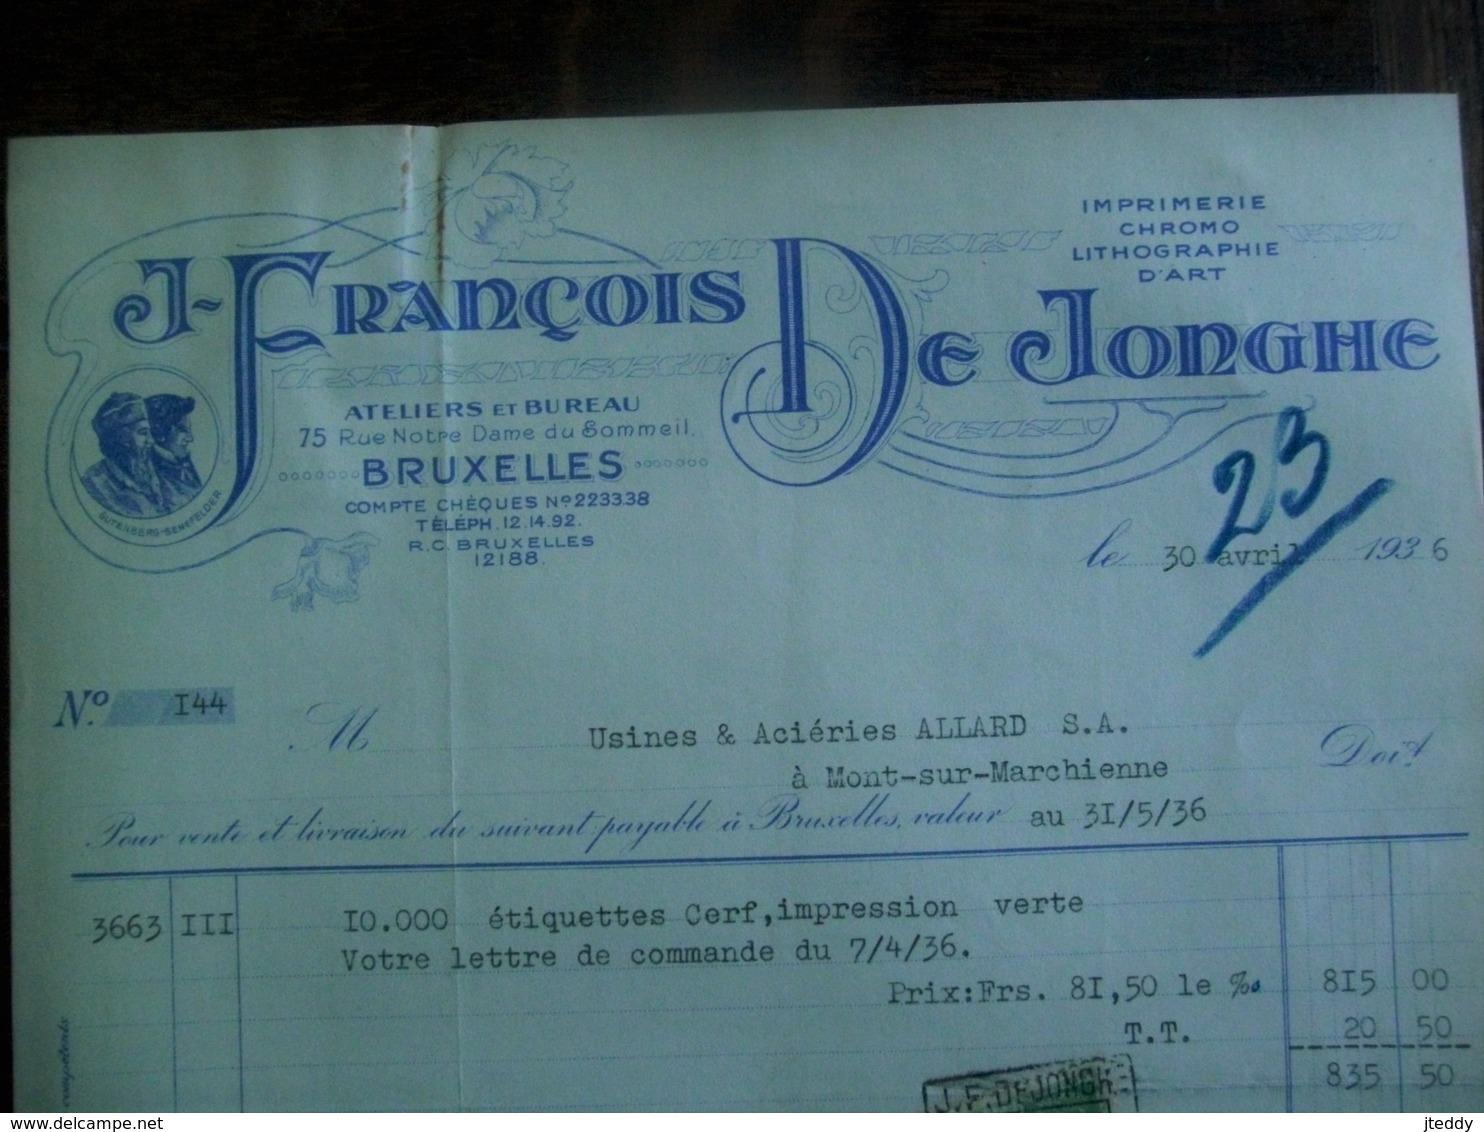 2 Stuks              Oude Faktuur  1936  J. FRANCOIS  DE  JONGHE   IMP .   CROMO  LITH .  D' ART  Met Fiscale Zegels - Printing & Stationeries